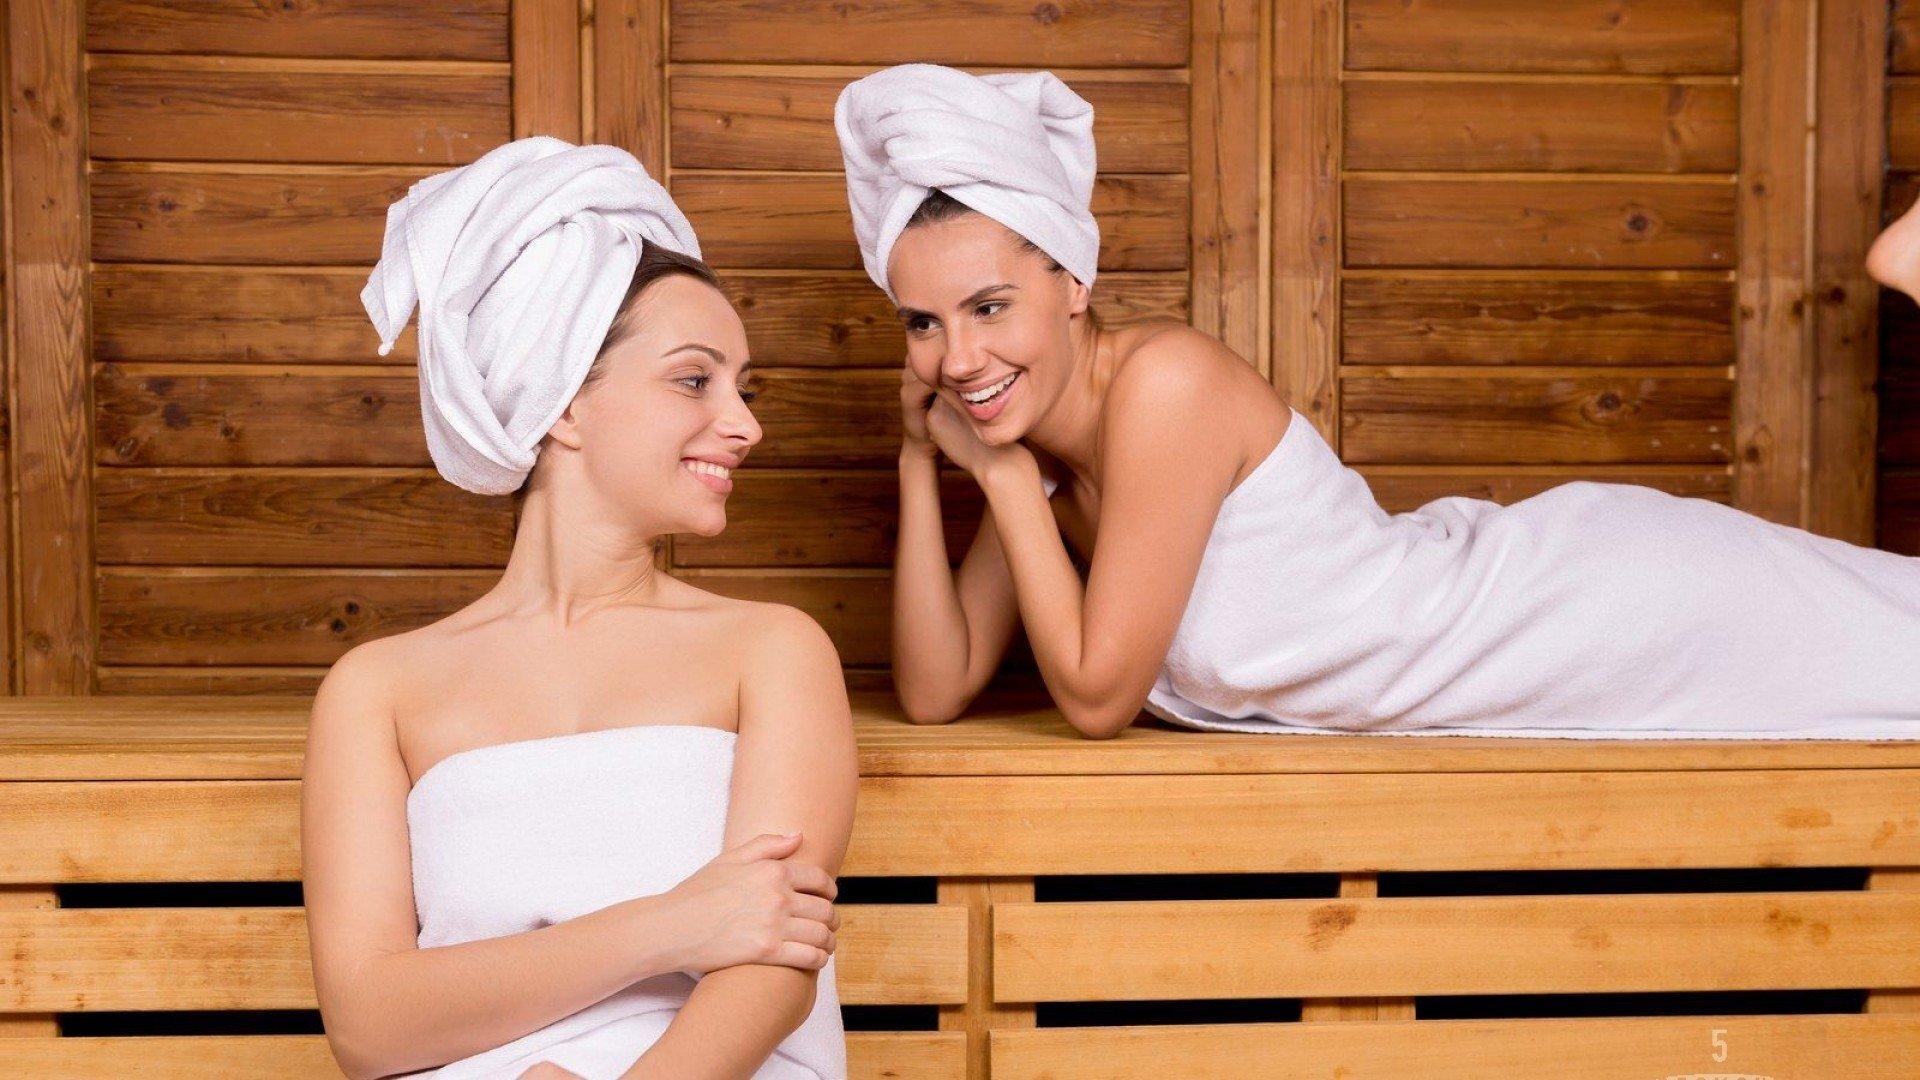 Учимся правильно париться в сауне и бане, чтобы похудеть